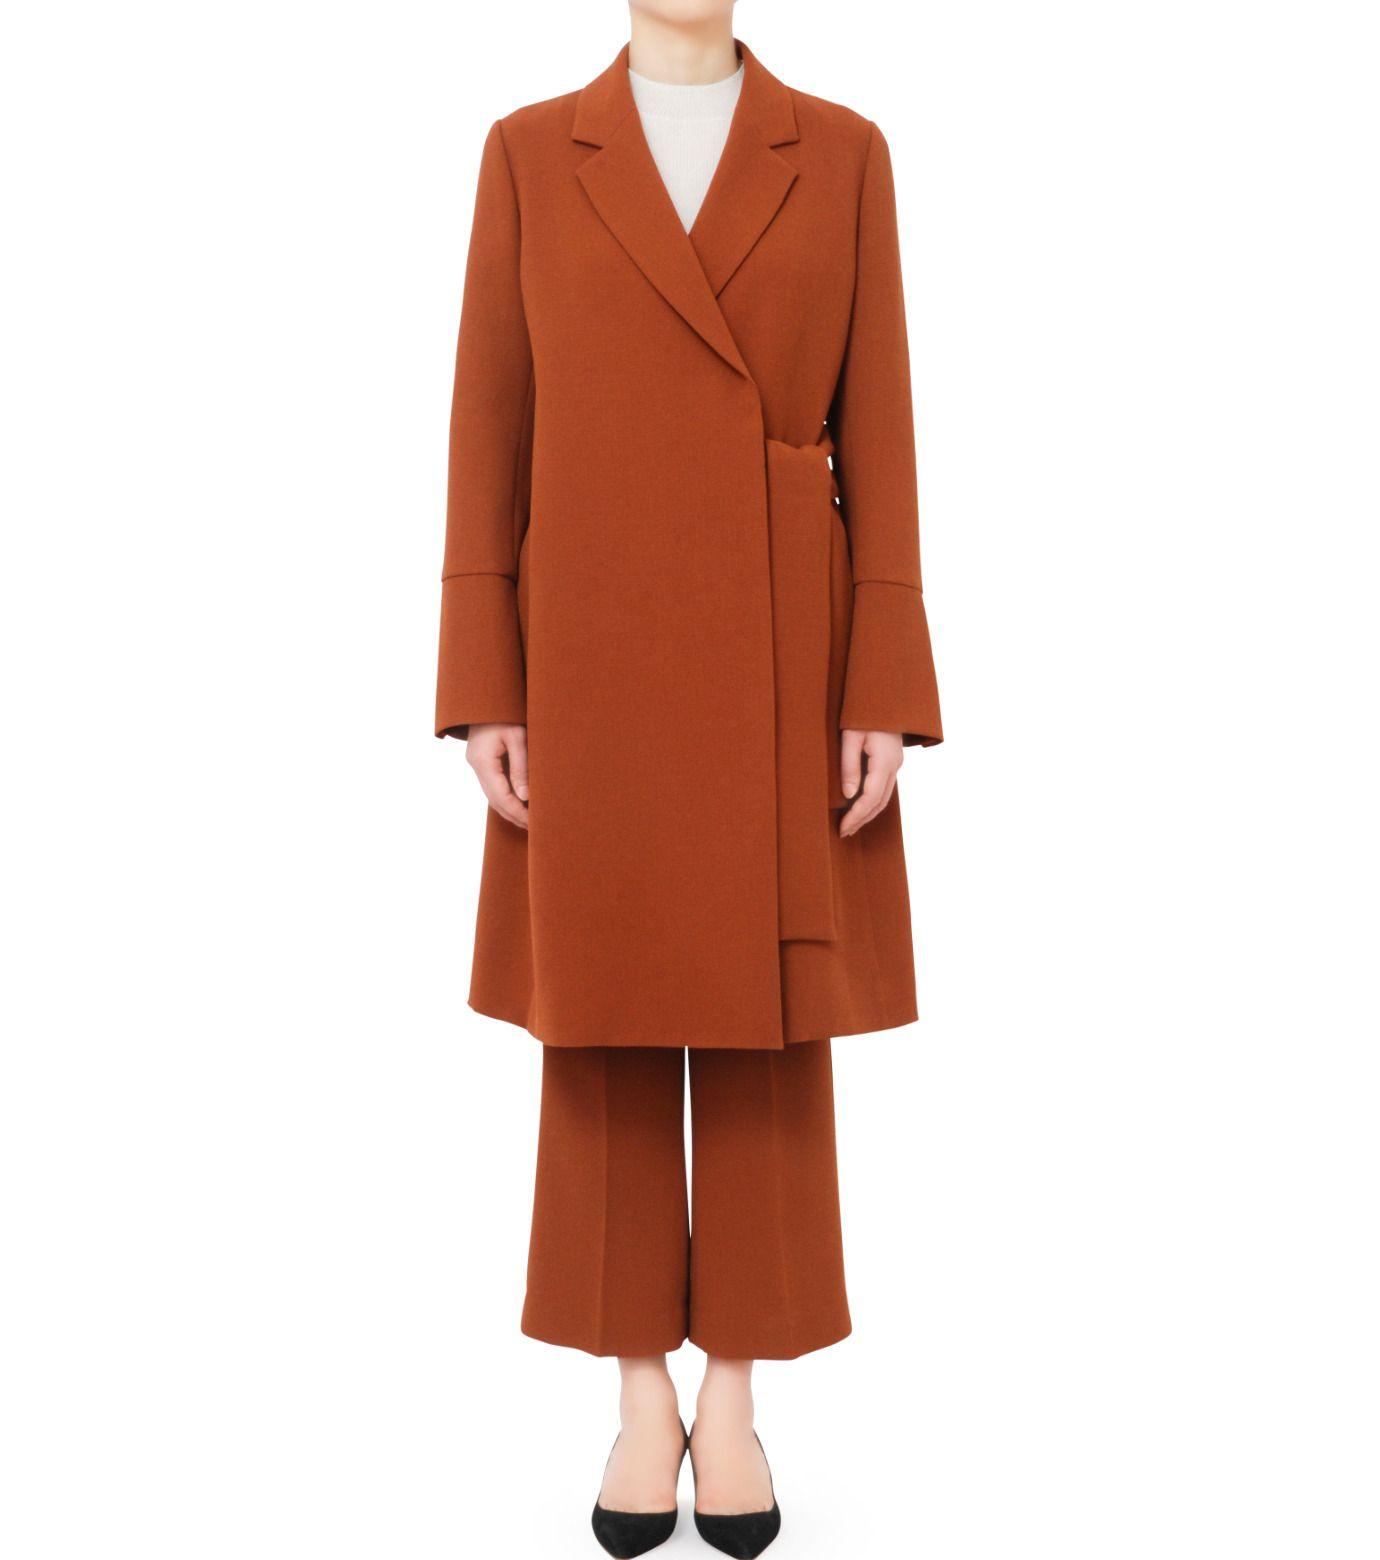 ルシェルブルー/LE CIEL BLEU - ボキシーベルトコート-CAMEL(コート/coat) | RESTIR リステア